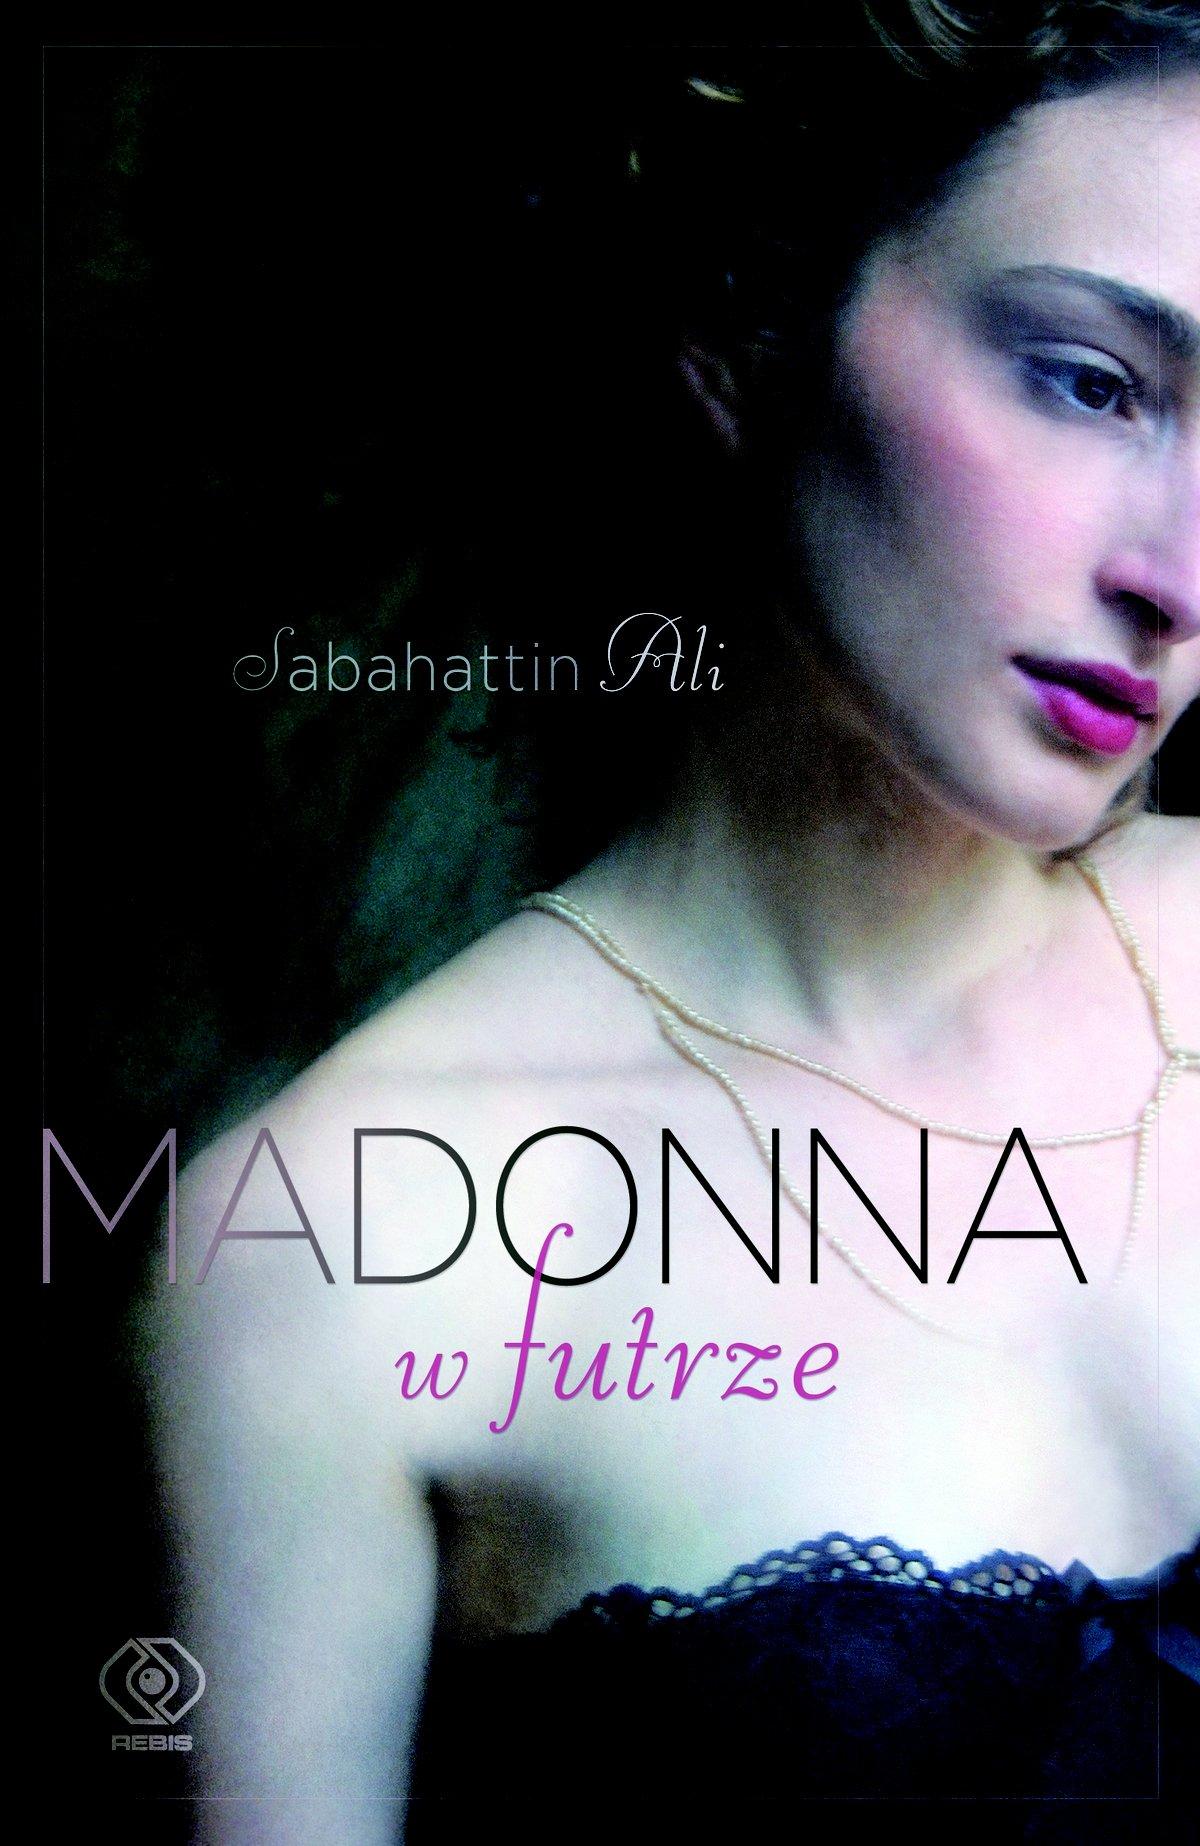 Madonna w futrze - Ebook (Książka na Kindle) do pobrania w formacie MOBI